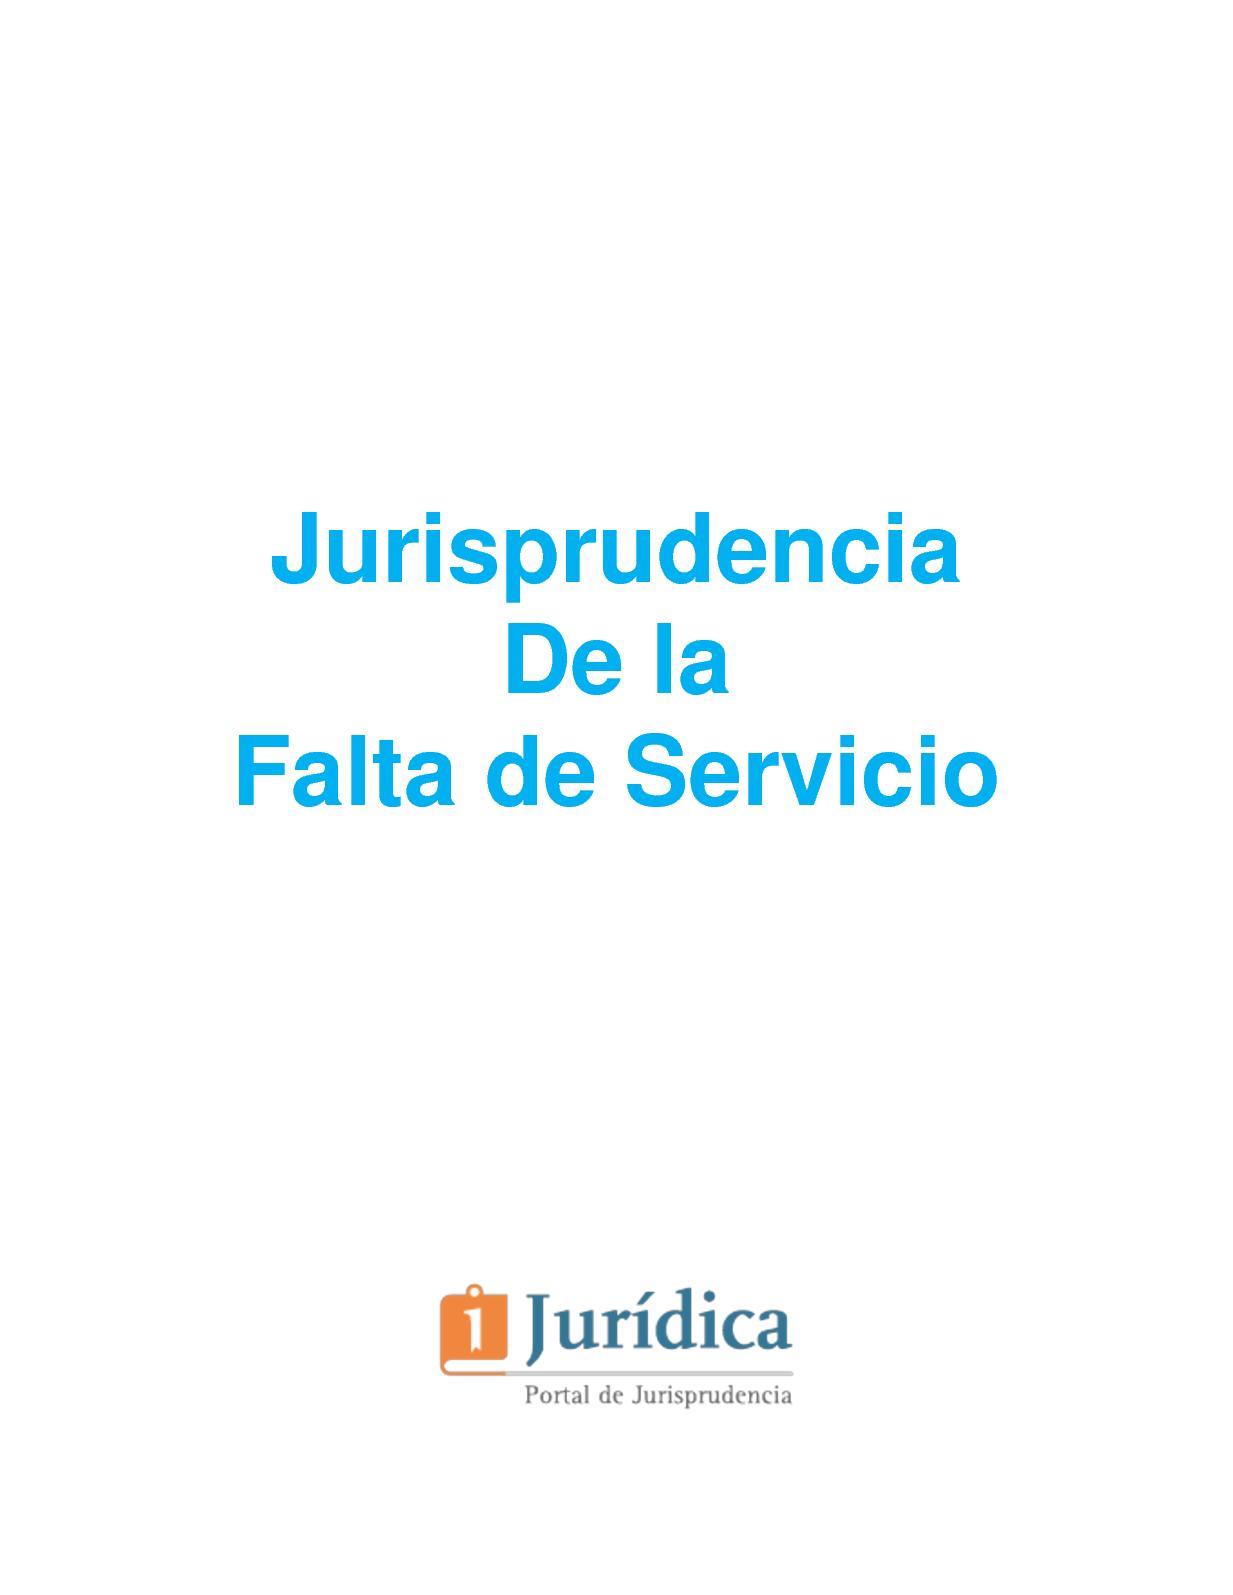 Jurisprudencia De La Falta De Servicios